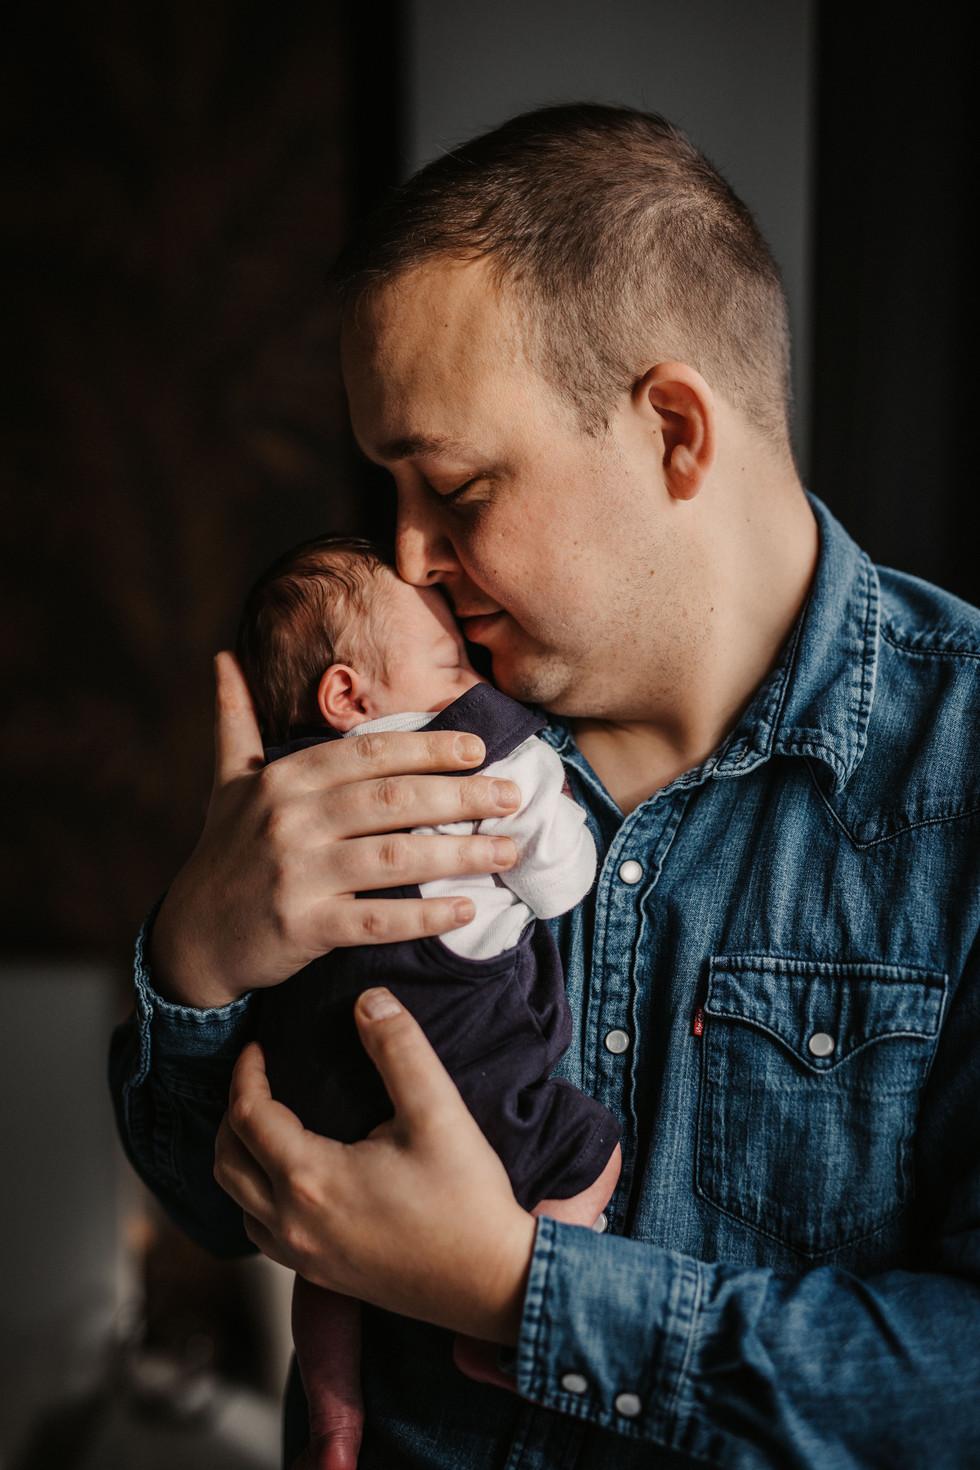 Newbornfotografie Aschaffenburg-3937.jpg